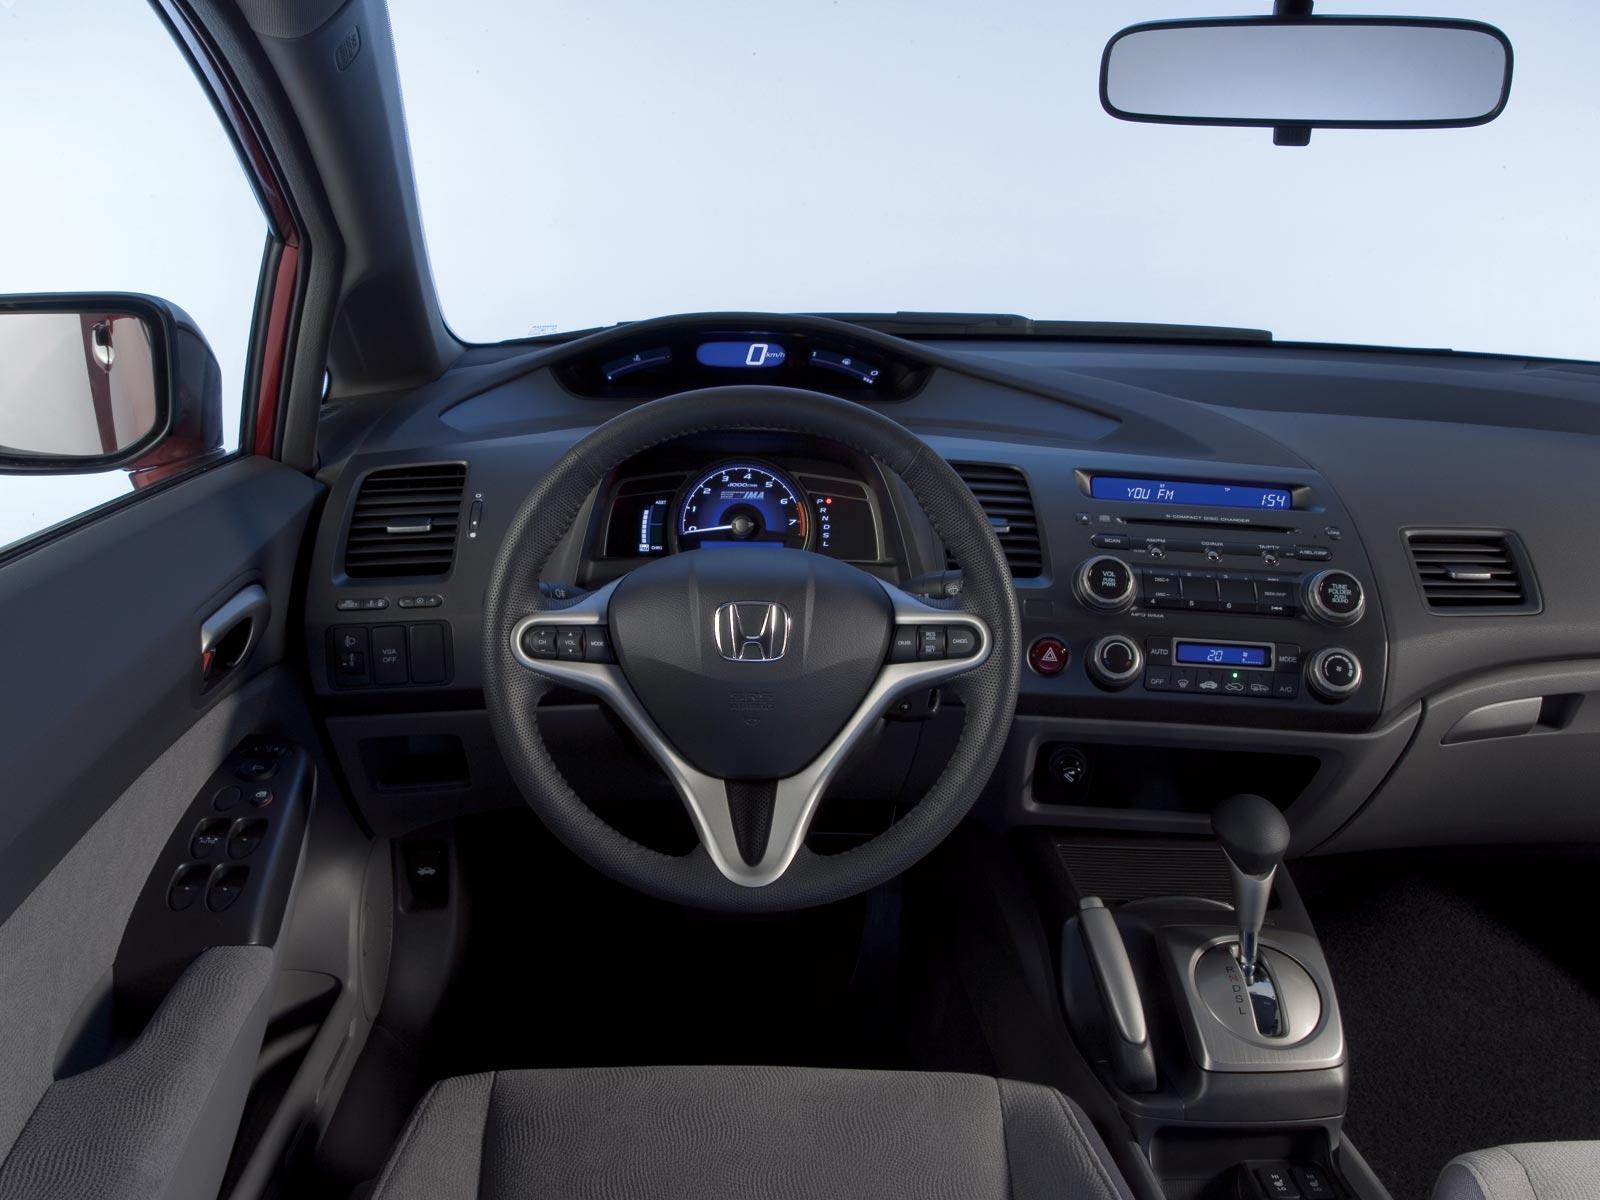 2007 Honda Civic Limousine Hybrid (c) Honda